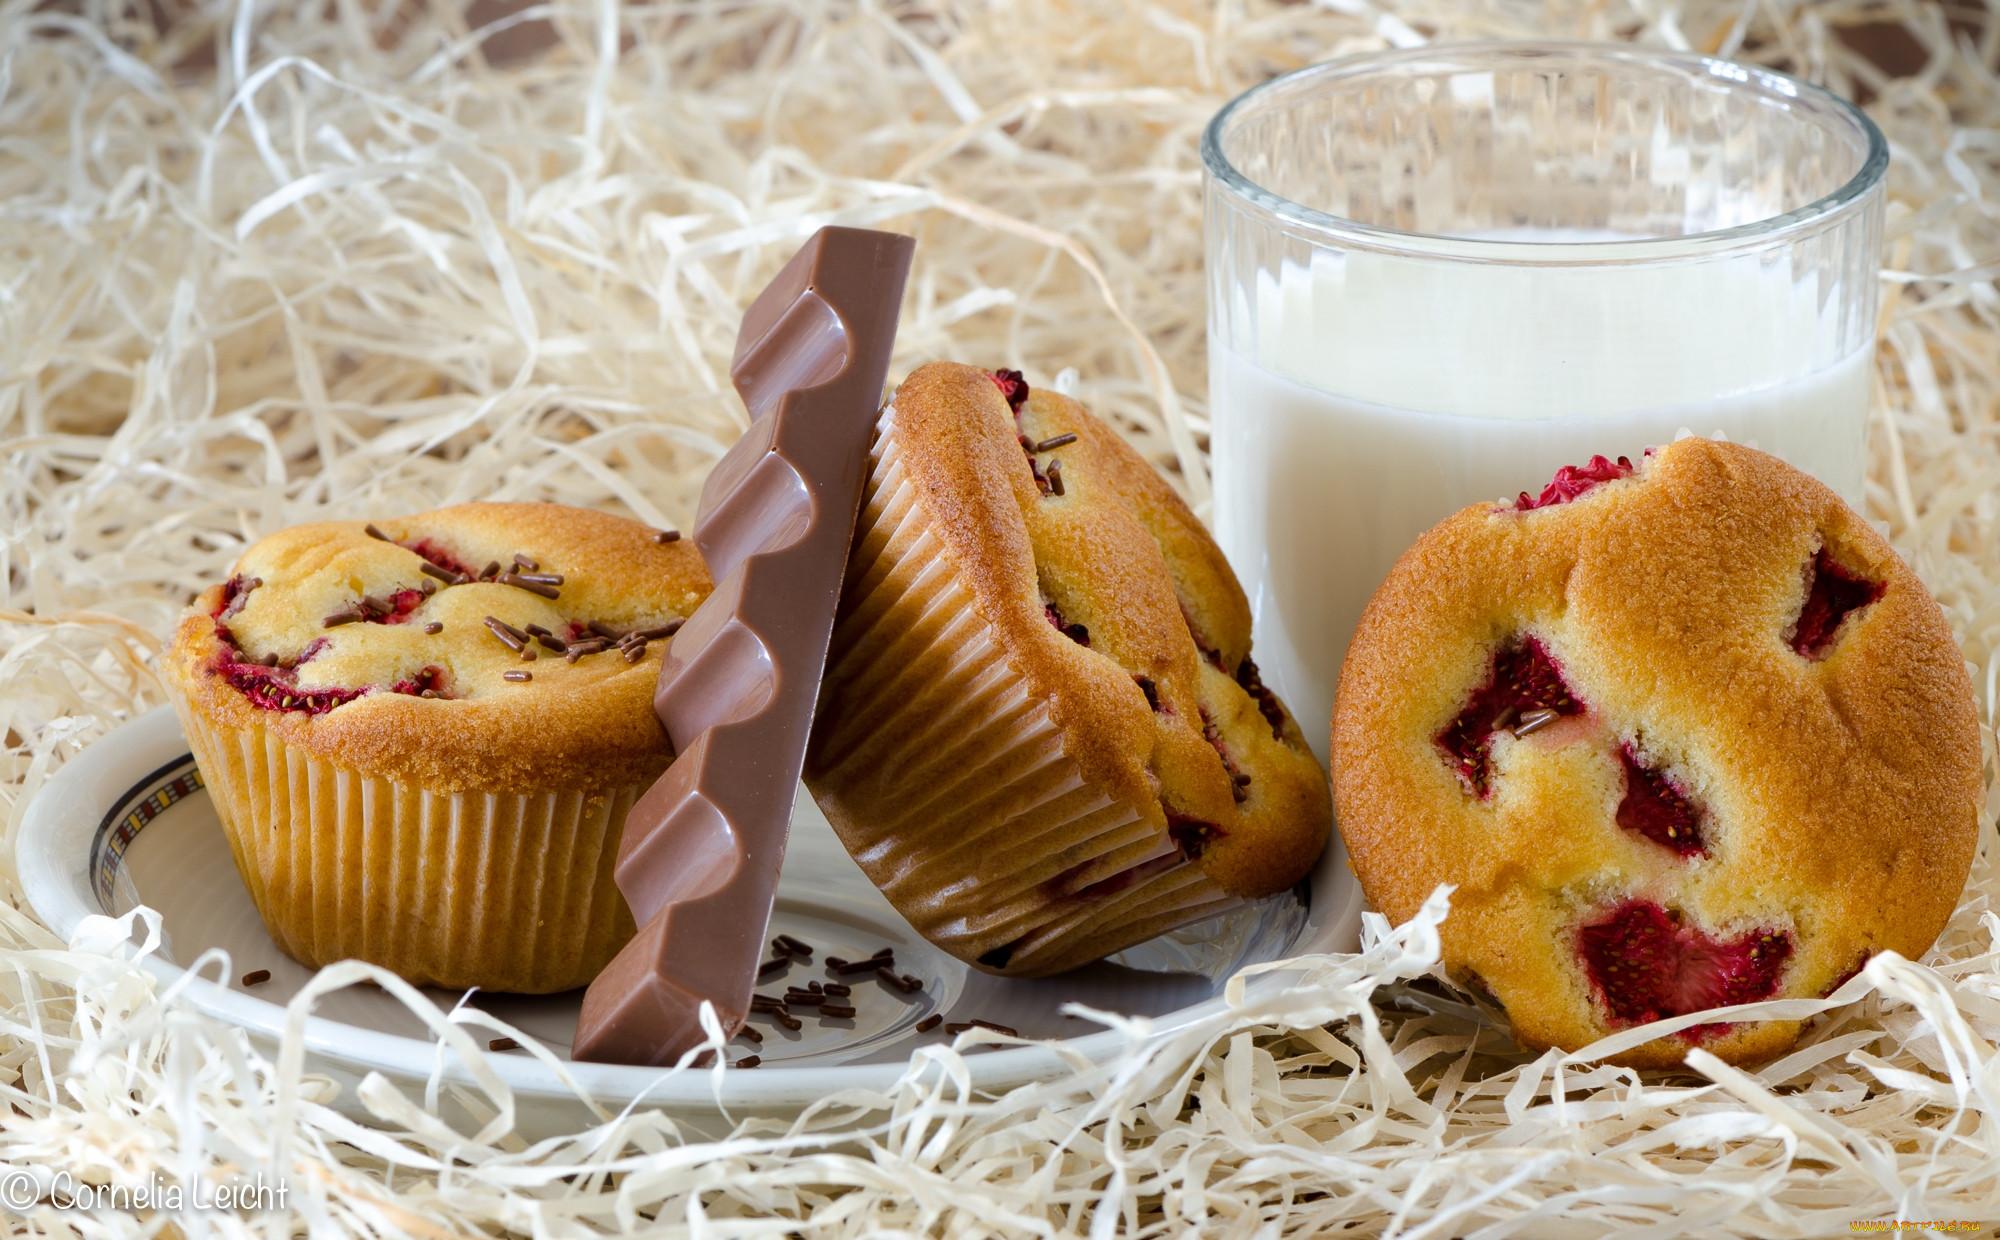 еда, пирожные, кексы, печенье, шоколад, молоко